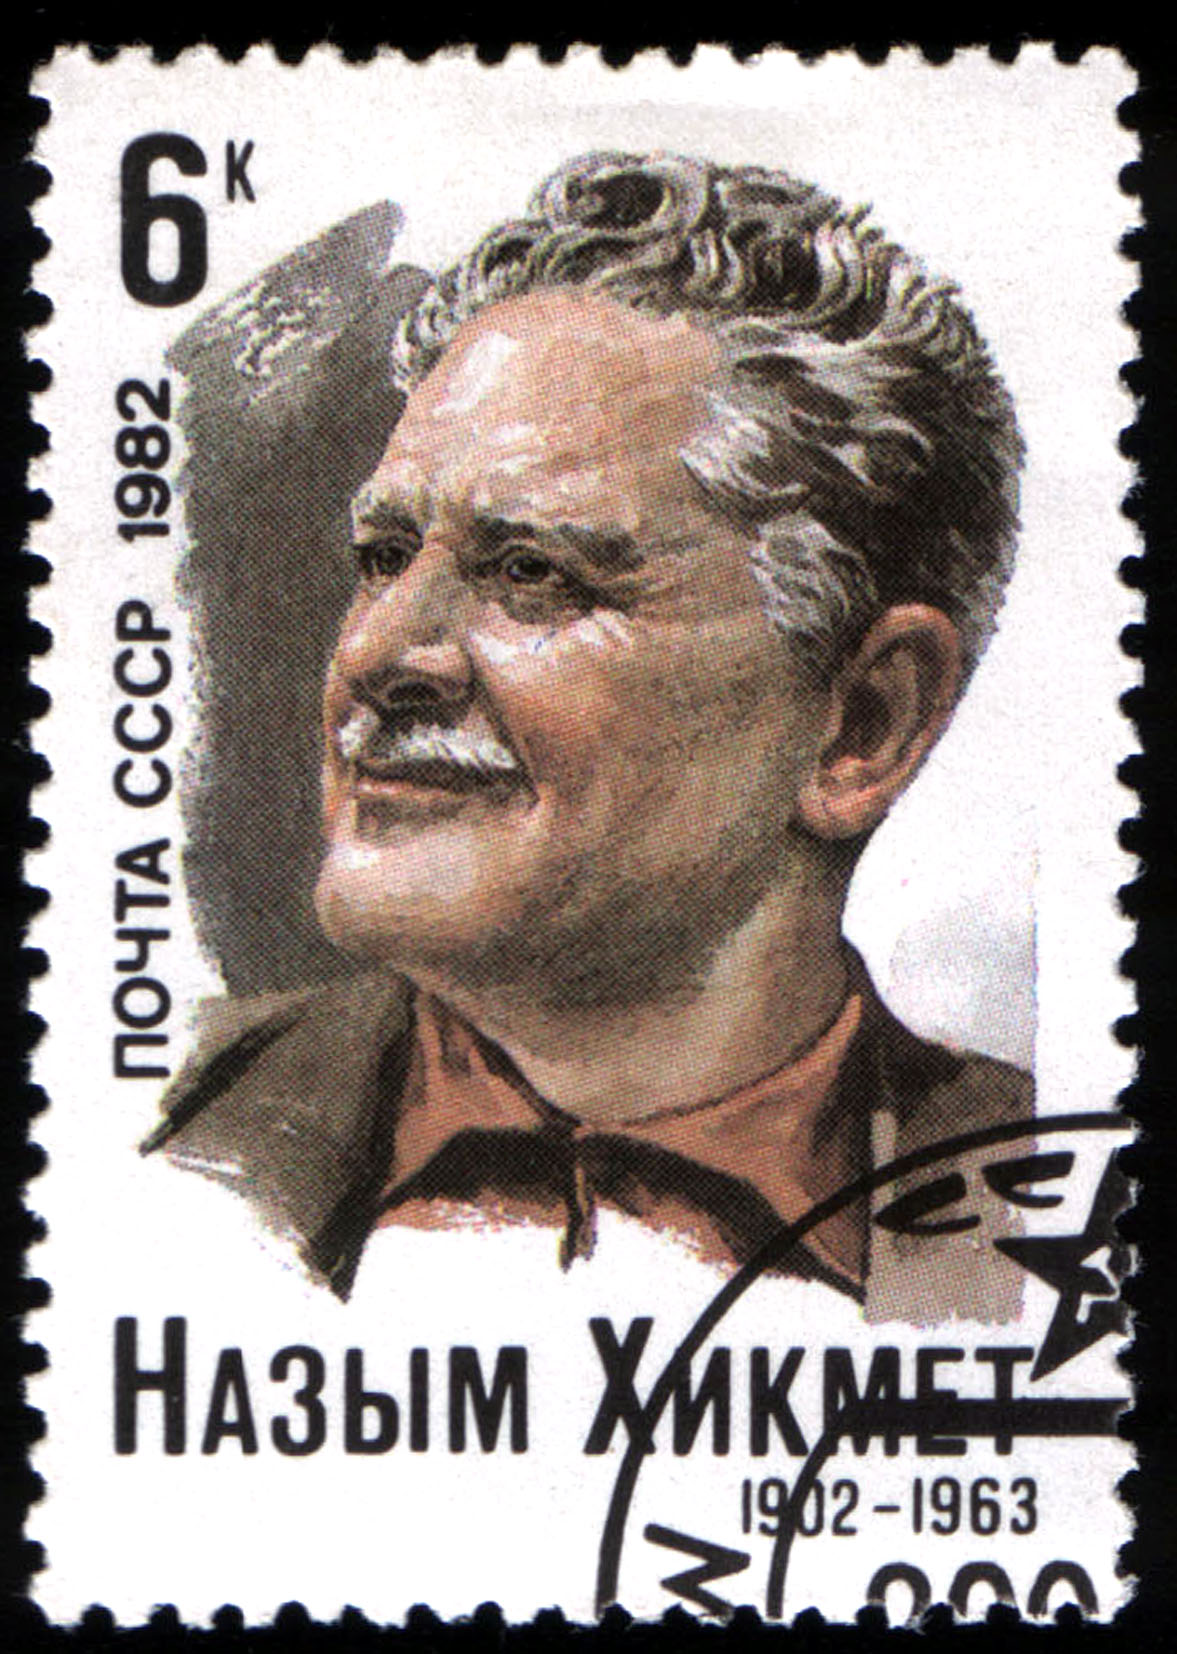 Χικμέτ Ναζίμ - Wikipedia